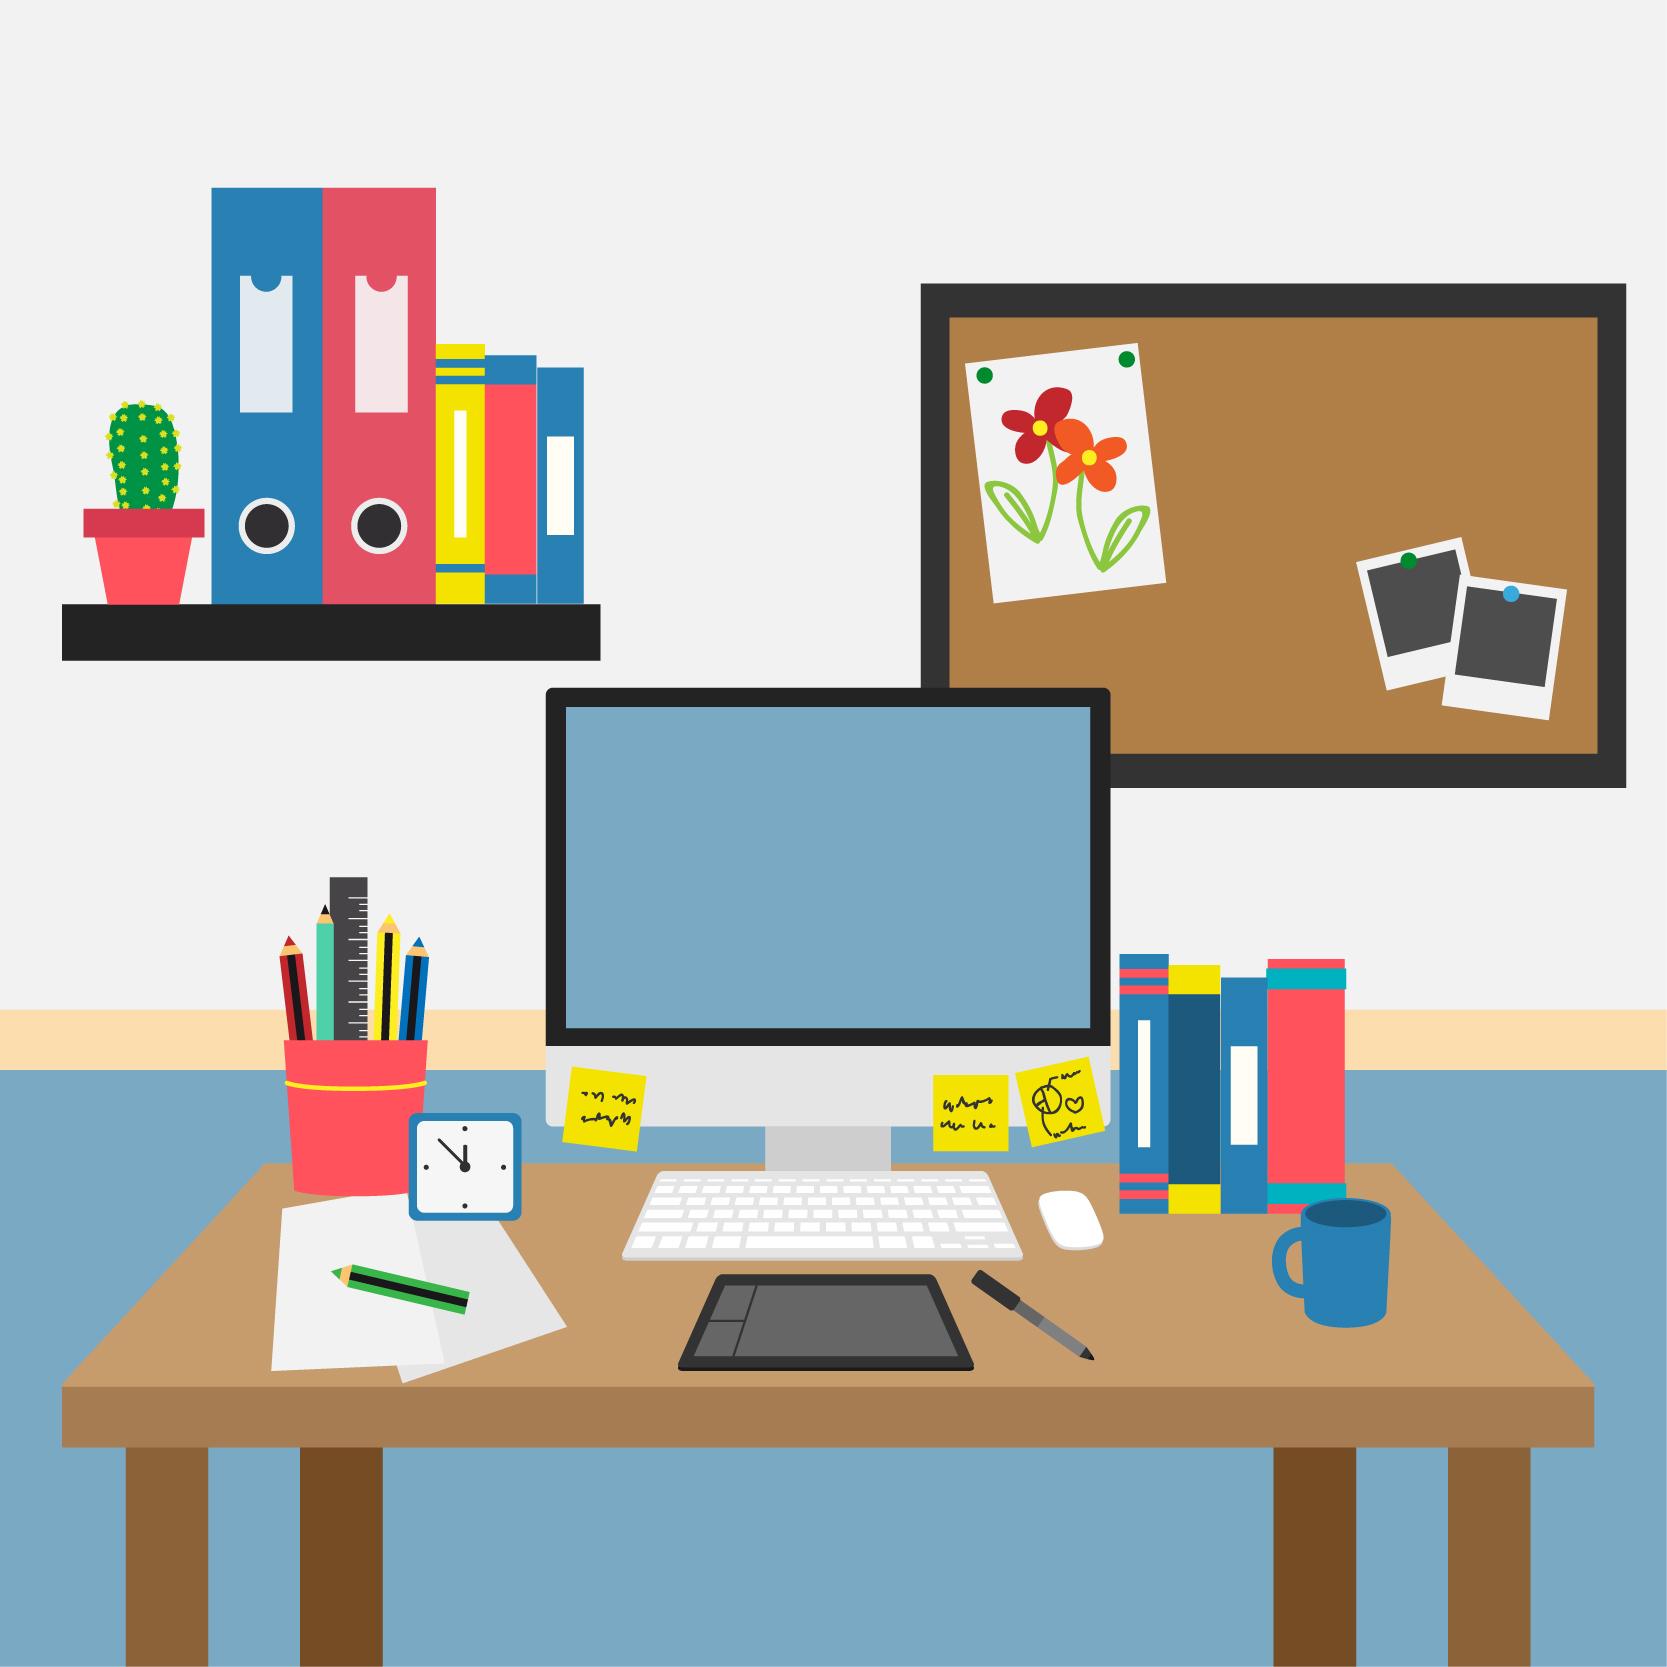 Schreibtischtyp Clutterer Messie